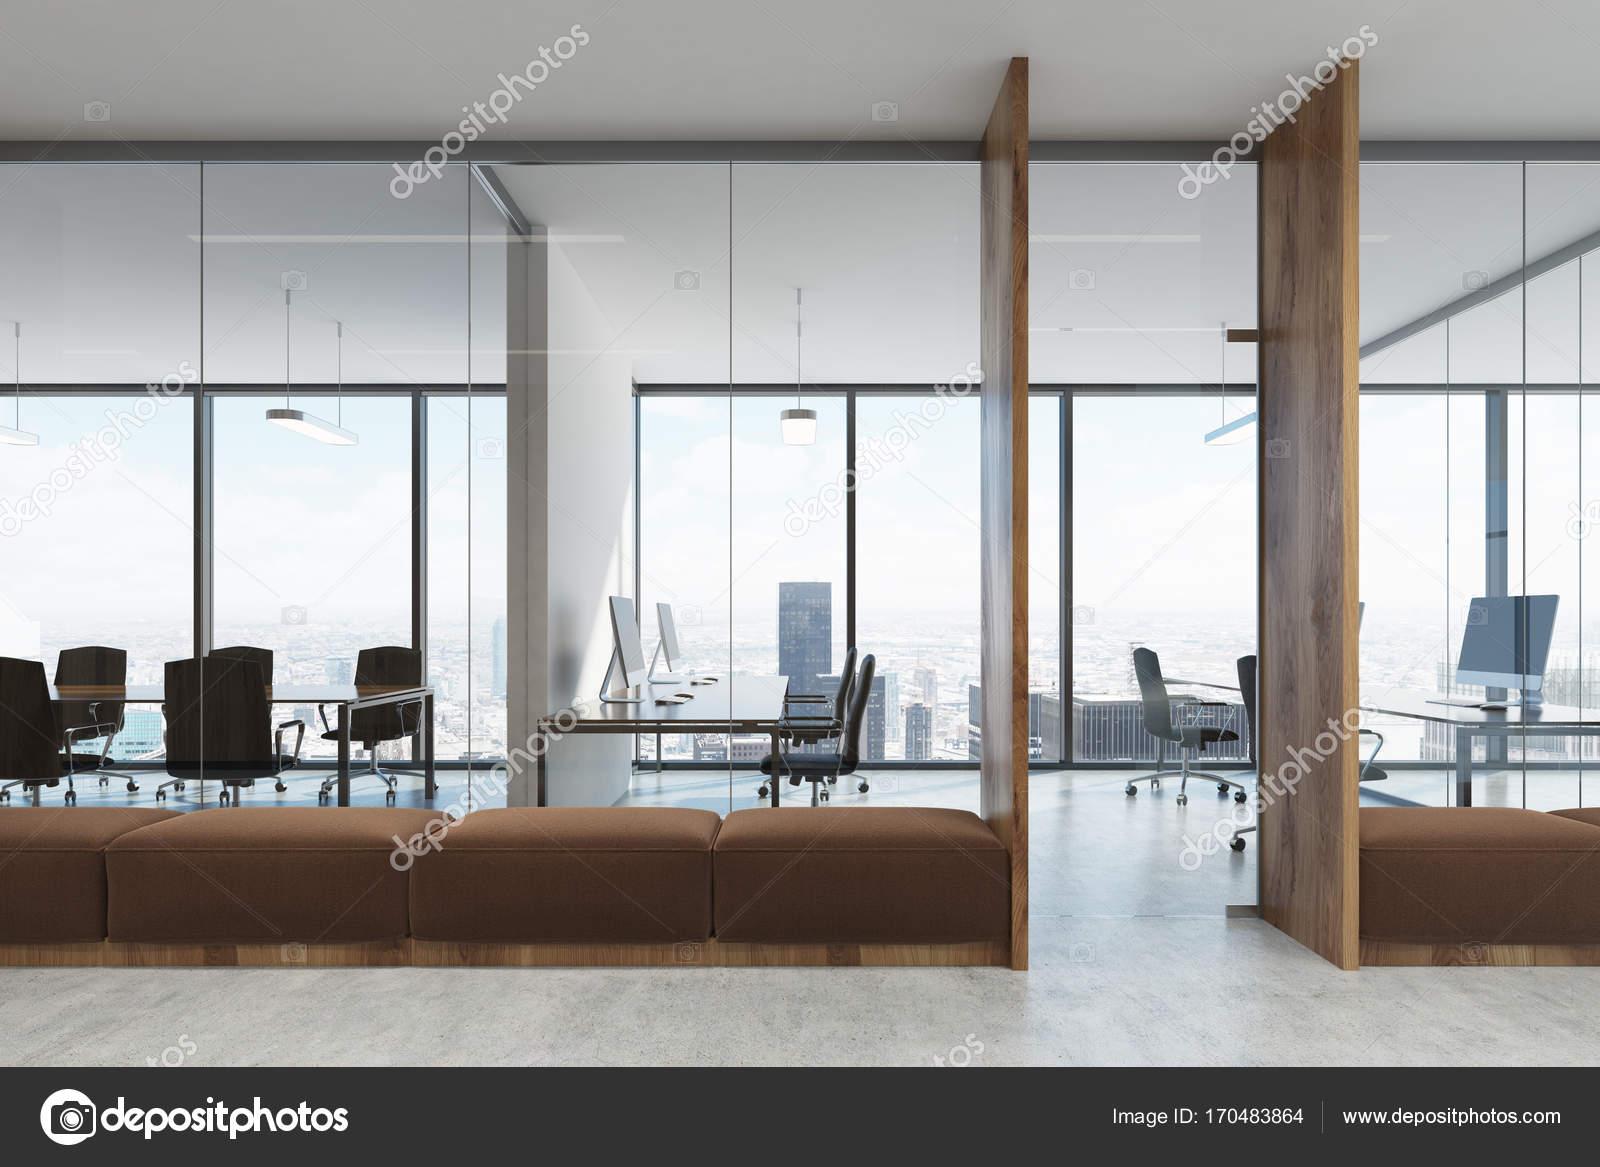 Ufficio Bianco E Legno : Bianco e legno aprire spazio ufficio marrone divani u foto stock